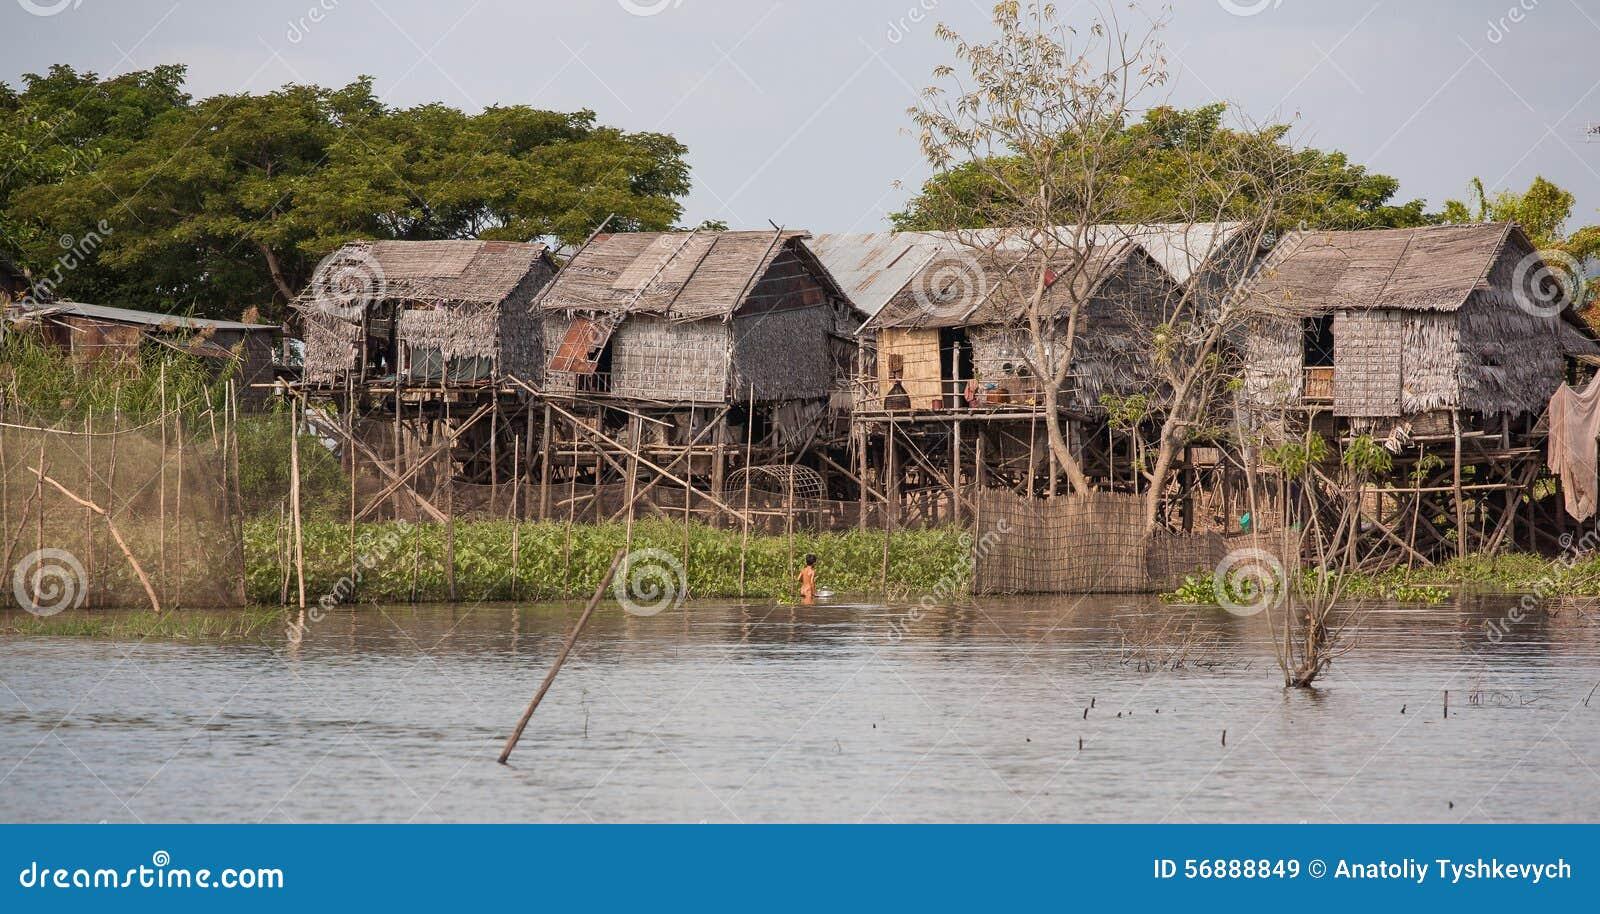 Mały dom na wodzie, dziecko połów z żelaznym pucharem